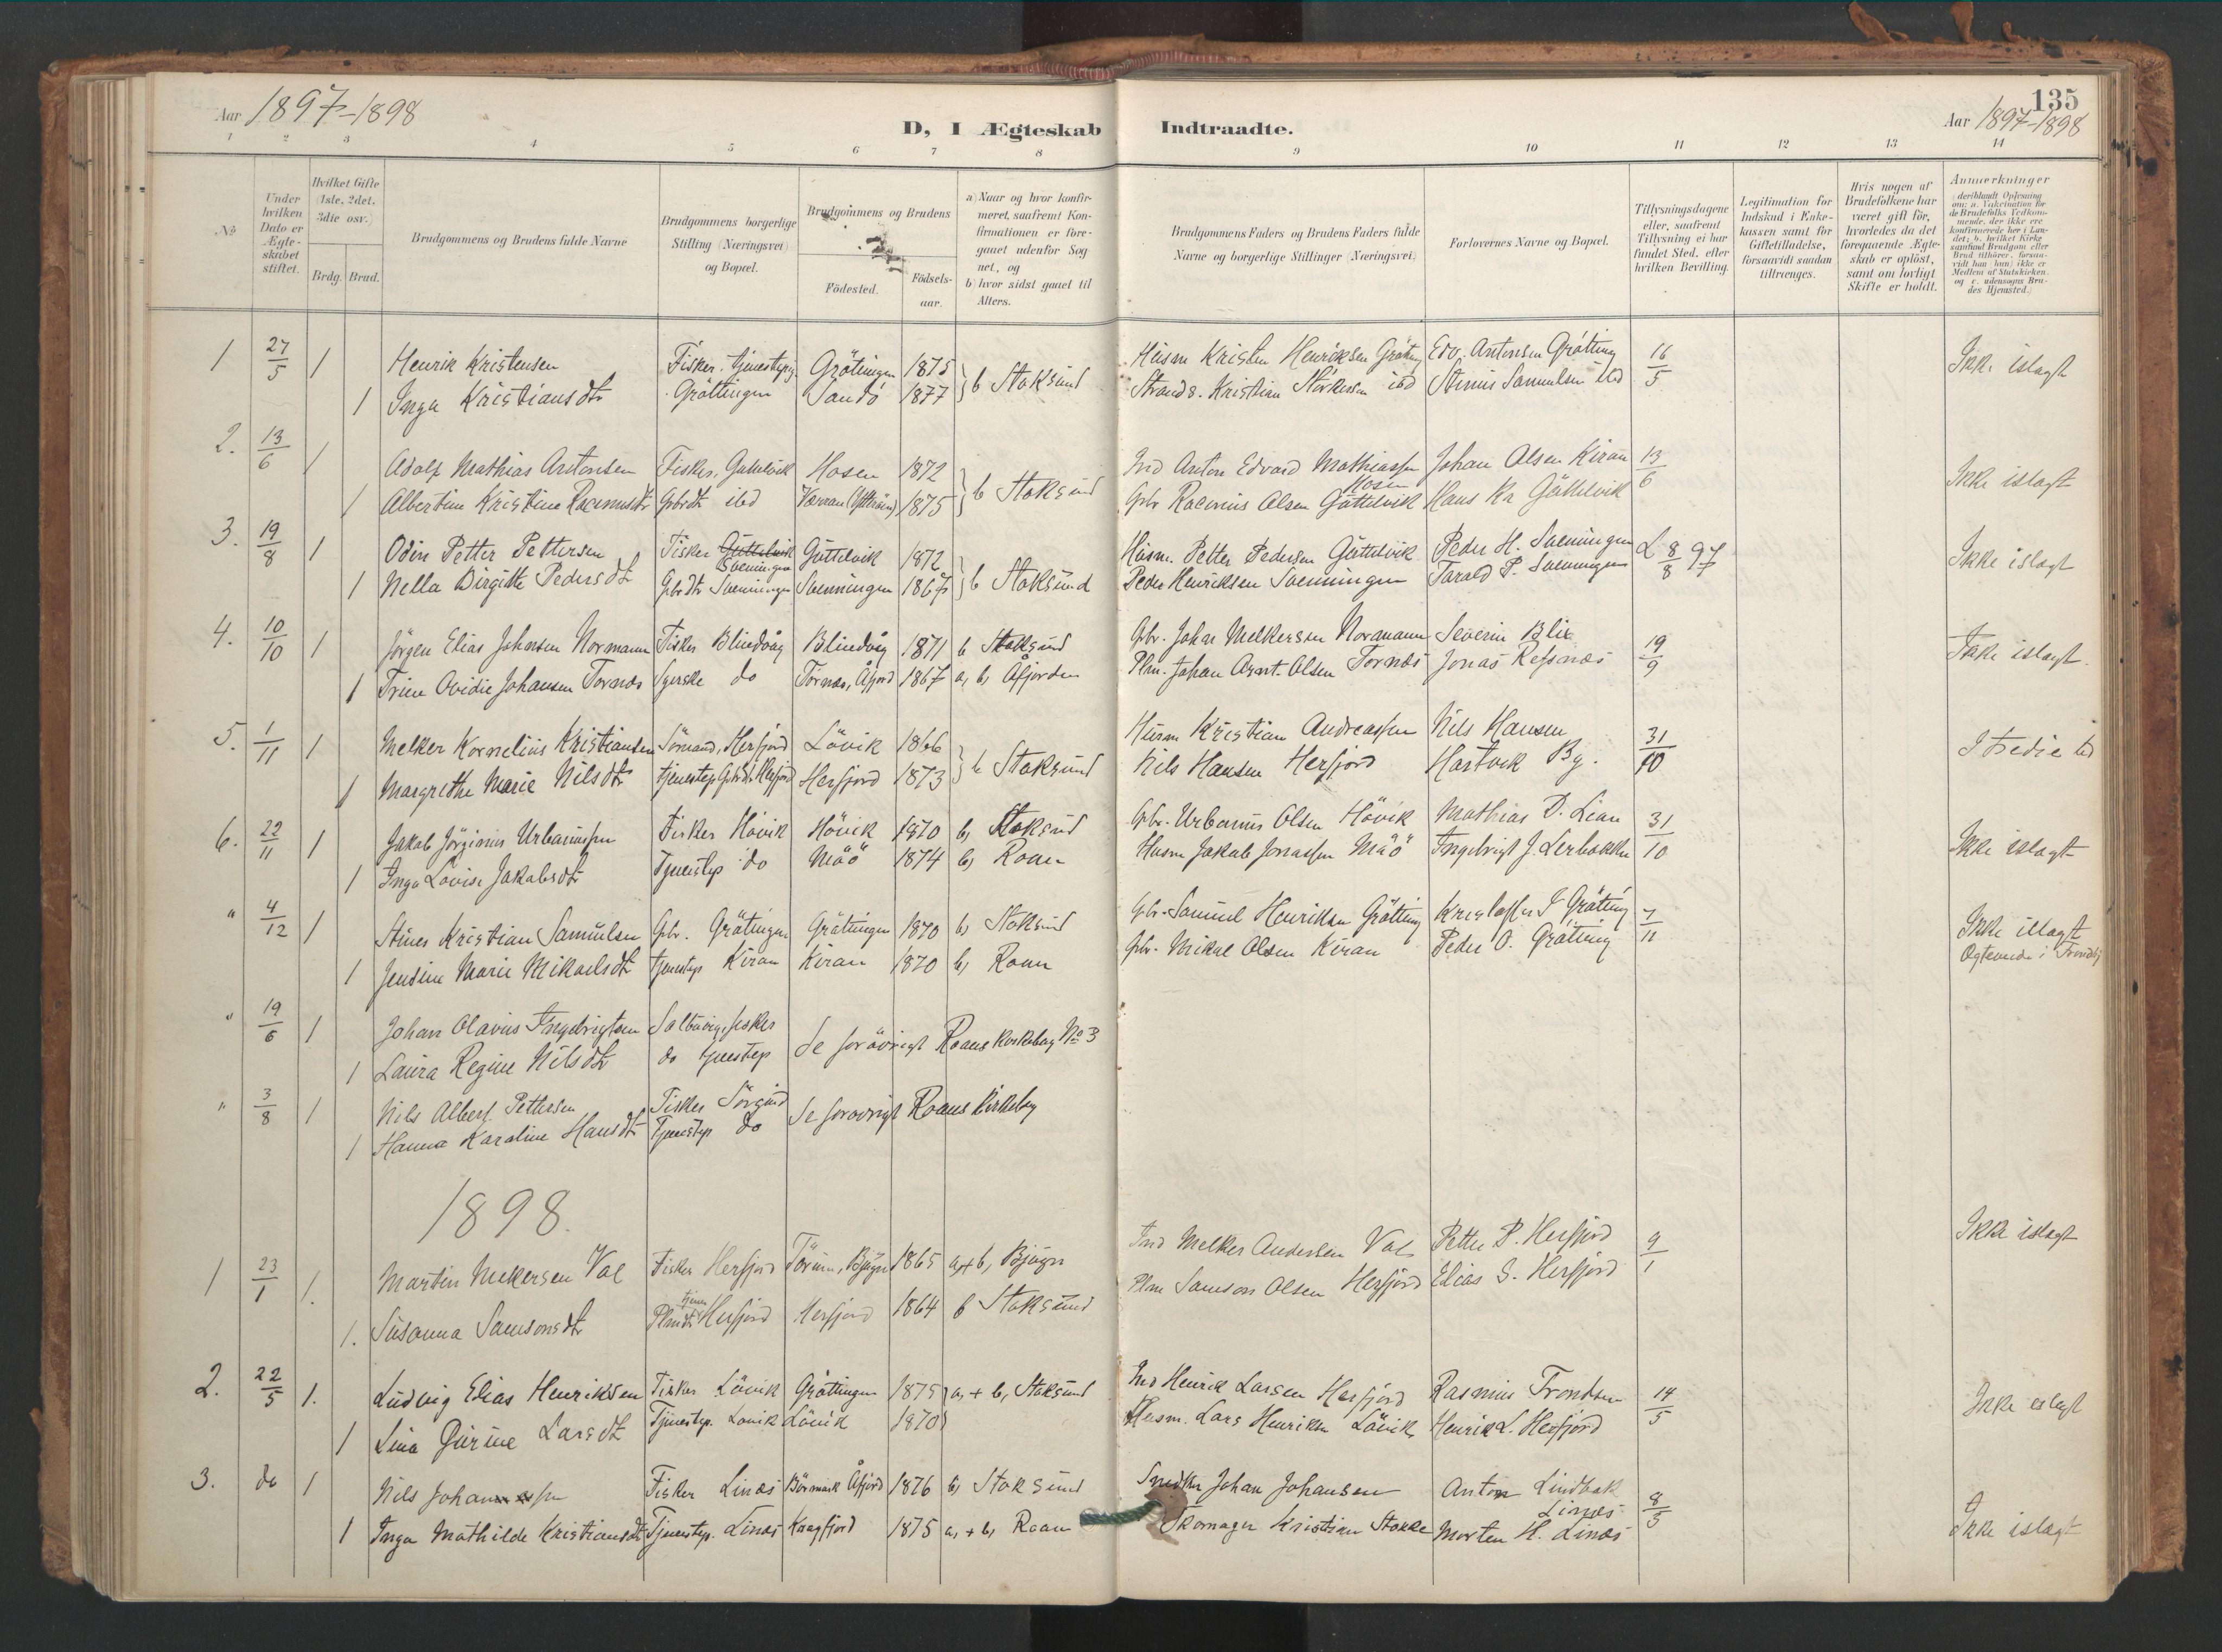 SAT, Ministerialprotokoller, klokkerbøker og fødselsregistre - Sør-Trøndelag, 656/L0693: Ministerialbok nr. 656A02, 1894-1913, s. 135